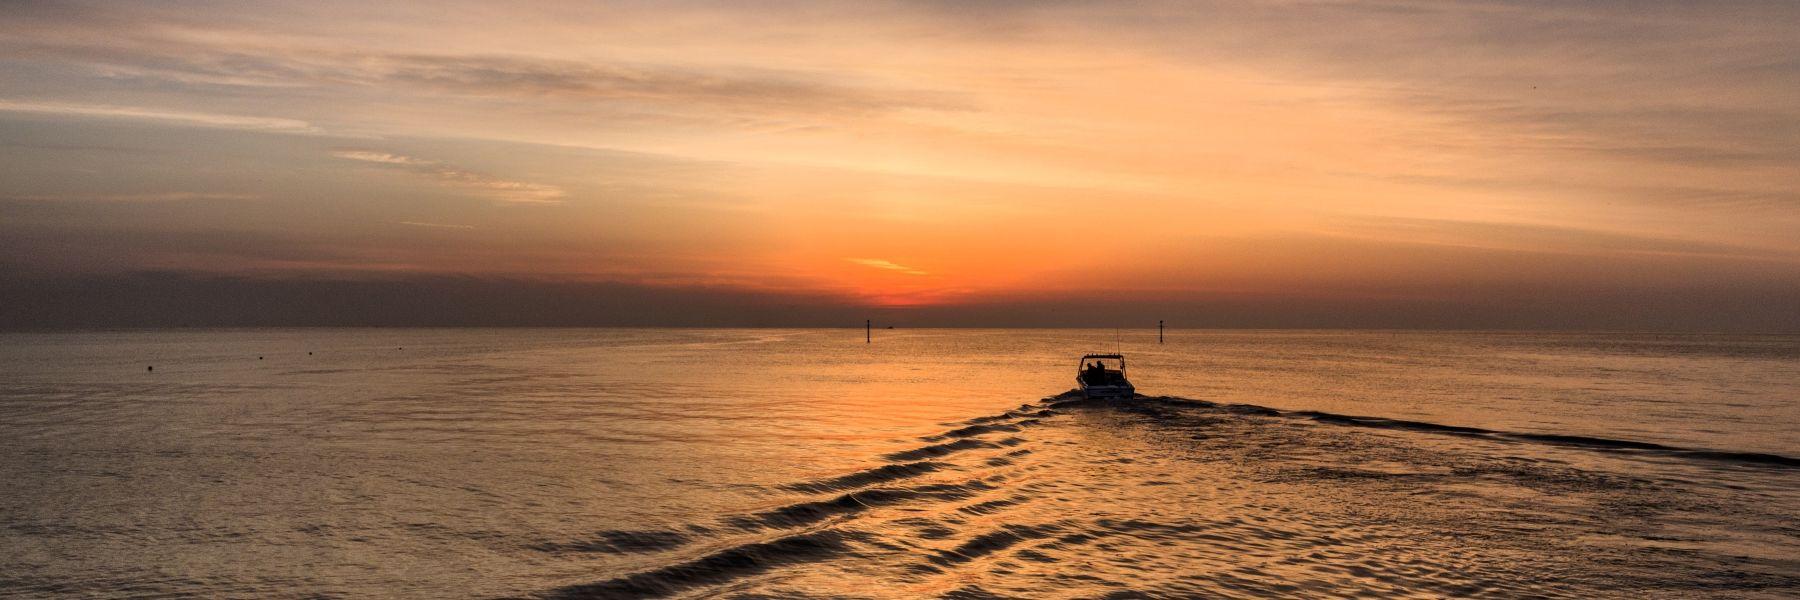 Un'alba in riva al mare con peschereccio - EN